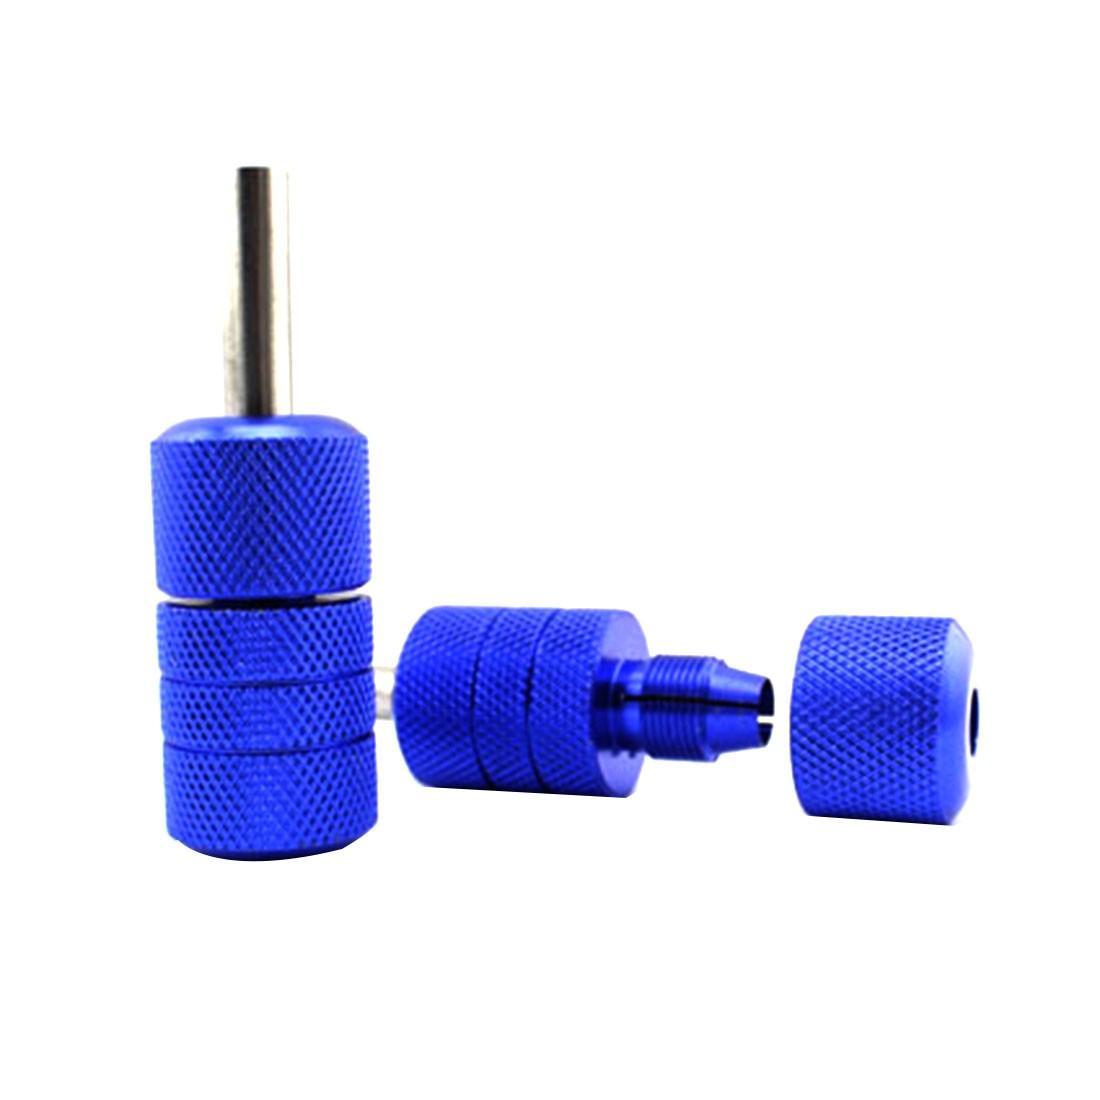 Neue Großhandelsankunft 25x50mm selbstsichernder blauer Tätowierungs-Griff-Art- und Weiselegierung gerändelter Tätowierungs-Griff für Tätowierungs-Werkzeugmaschine